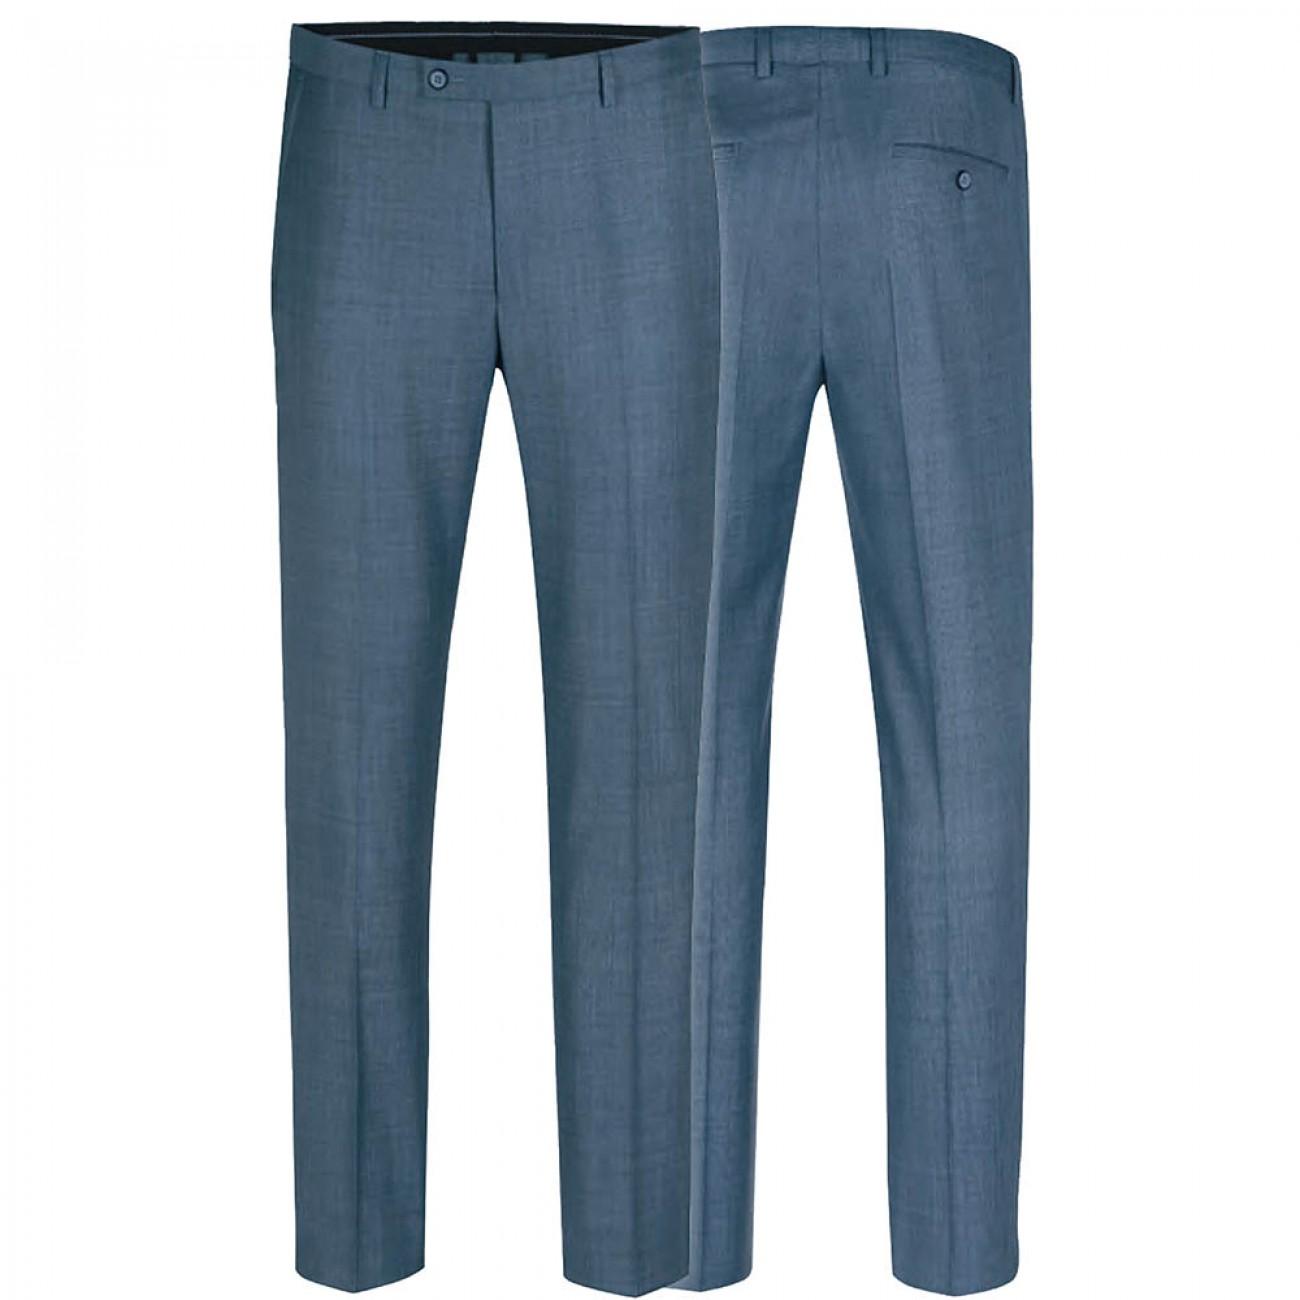 official photos c5e5c a2921 Herren Anzug blau grau | Slim Fit | Anzug für Herren mit modernem AMF Stich